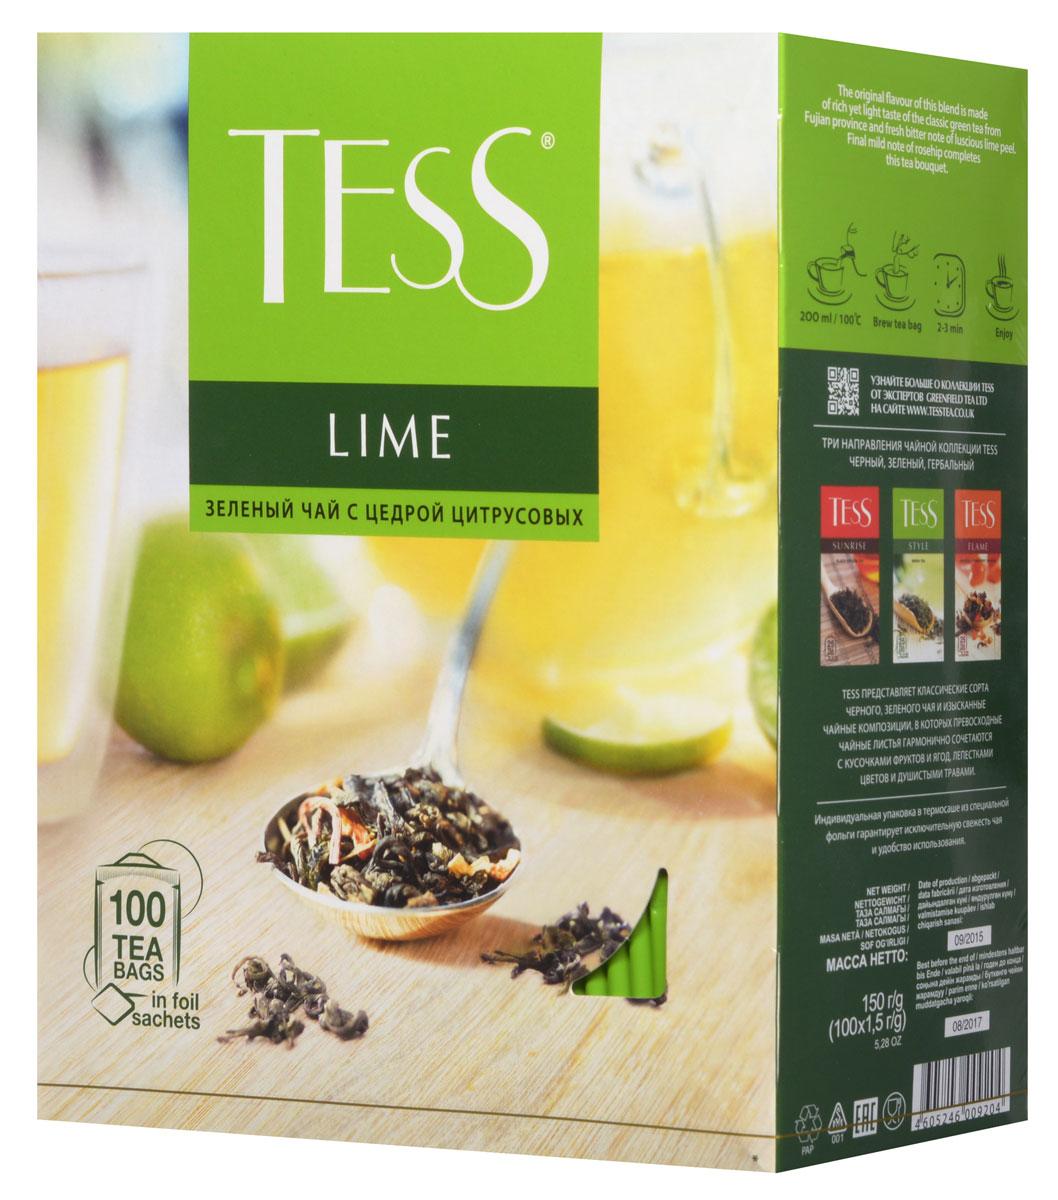 Tess Lime зеленый чай в пакетиках, 100 шт0120710Tess Lime - зеленый ароматизированный чай в пакетиках. Своей индивидуальностью этот сорт обязан гармоничному сочетанию насыщенного, но легкого вкуса классического зеленого чая из провинции Фудзяньи свежей горчинки цедры сочного лайма Заключительный штрих - мягкий оттенок шиповника - придает завершенность чайному букету.